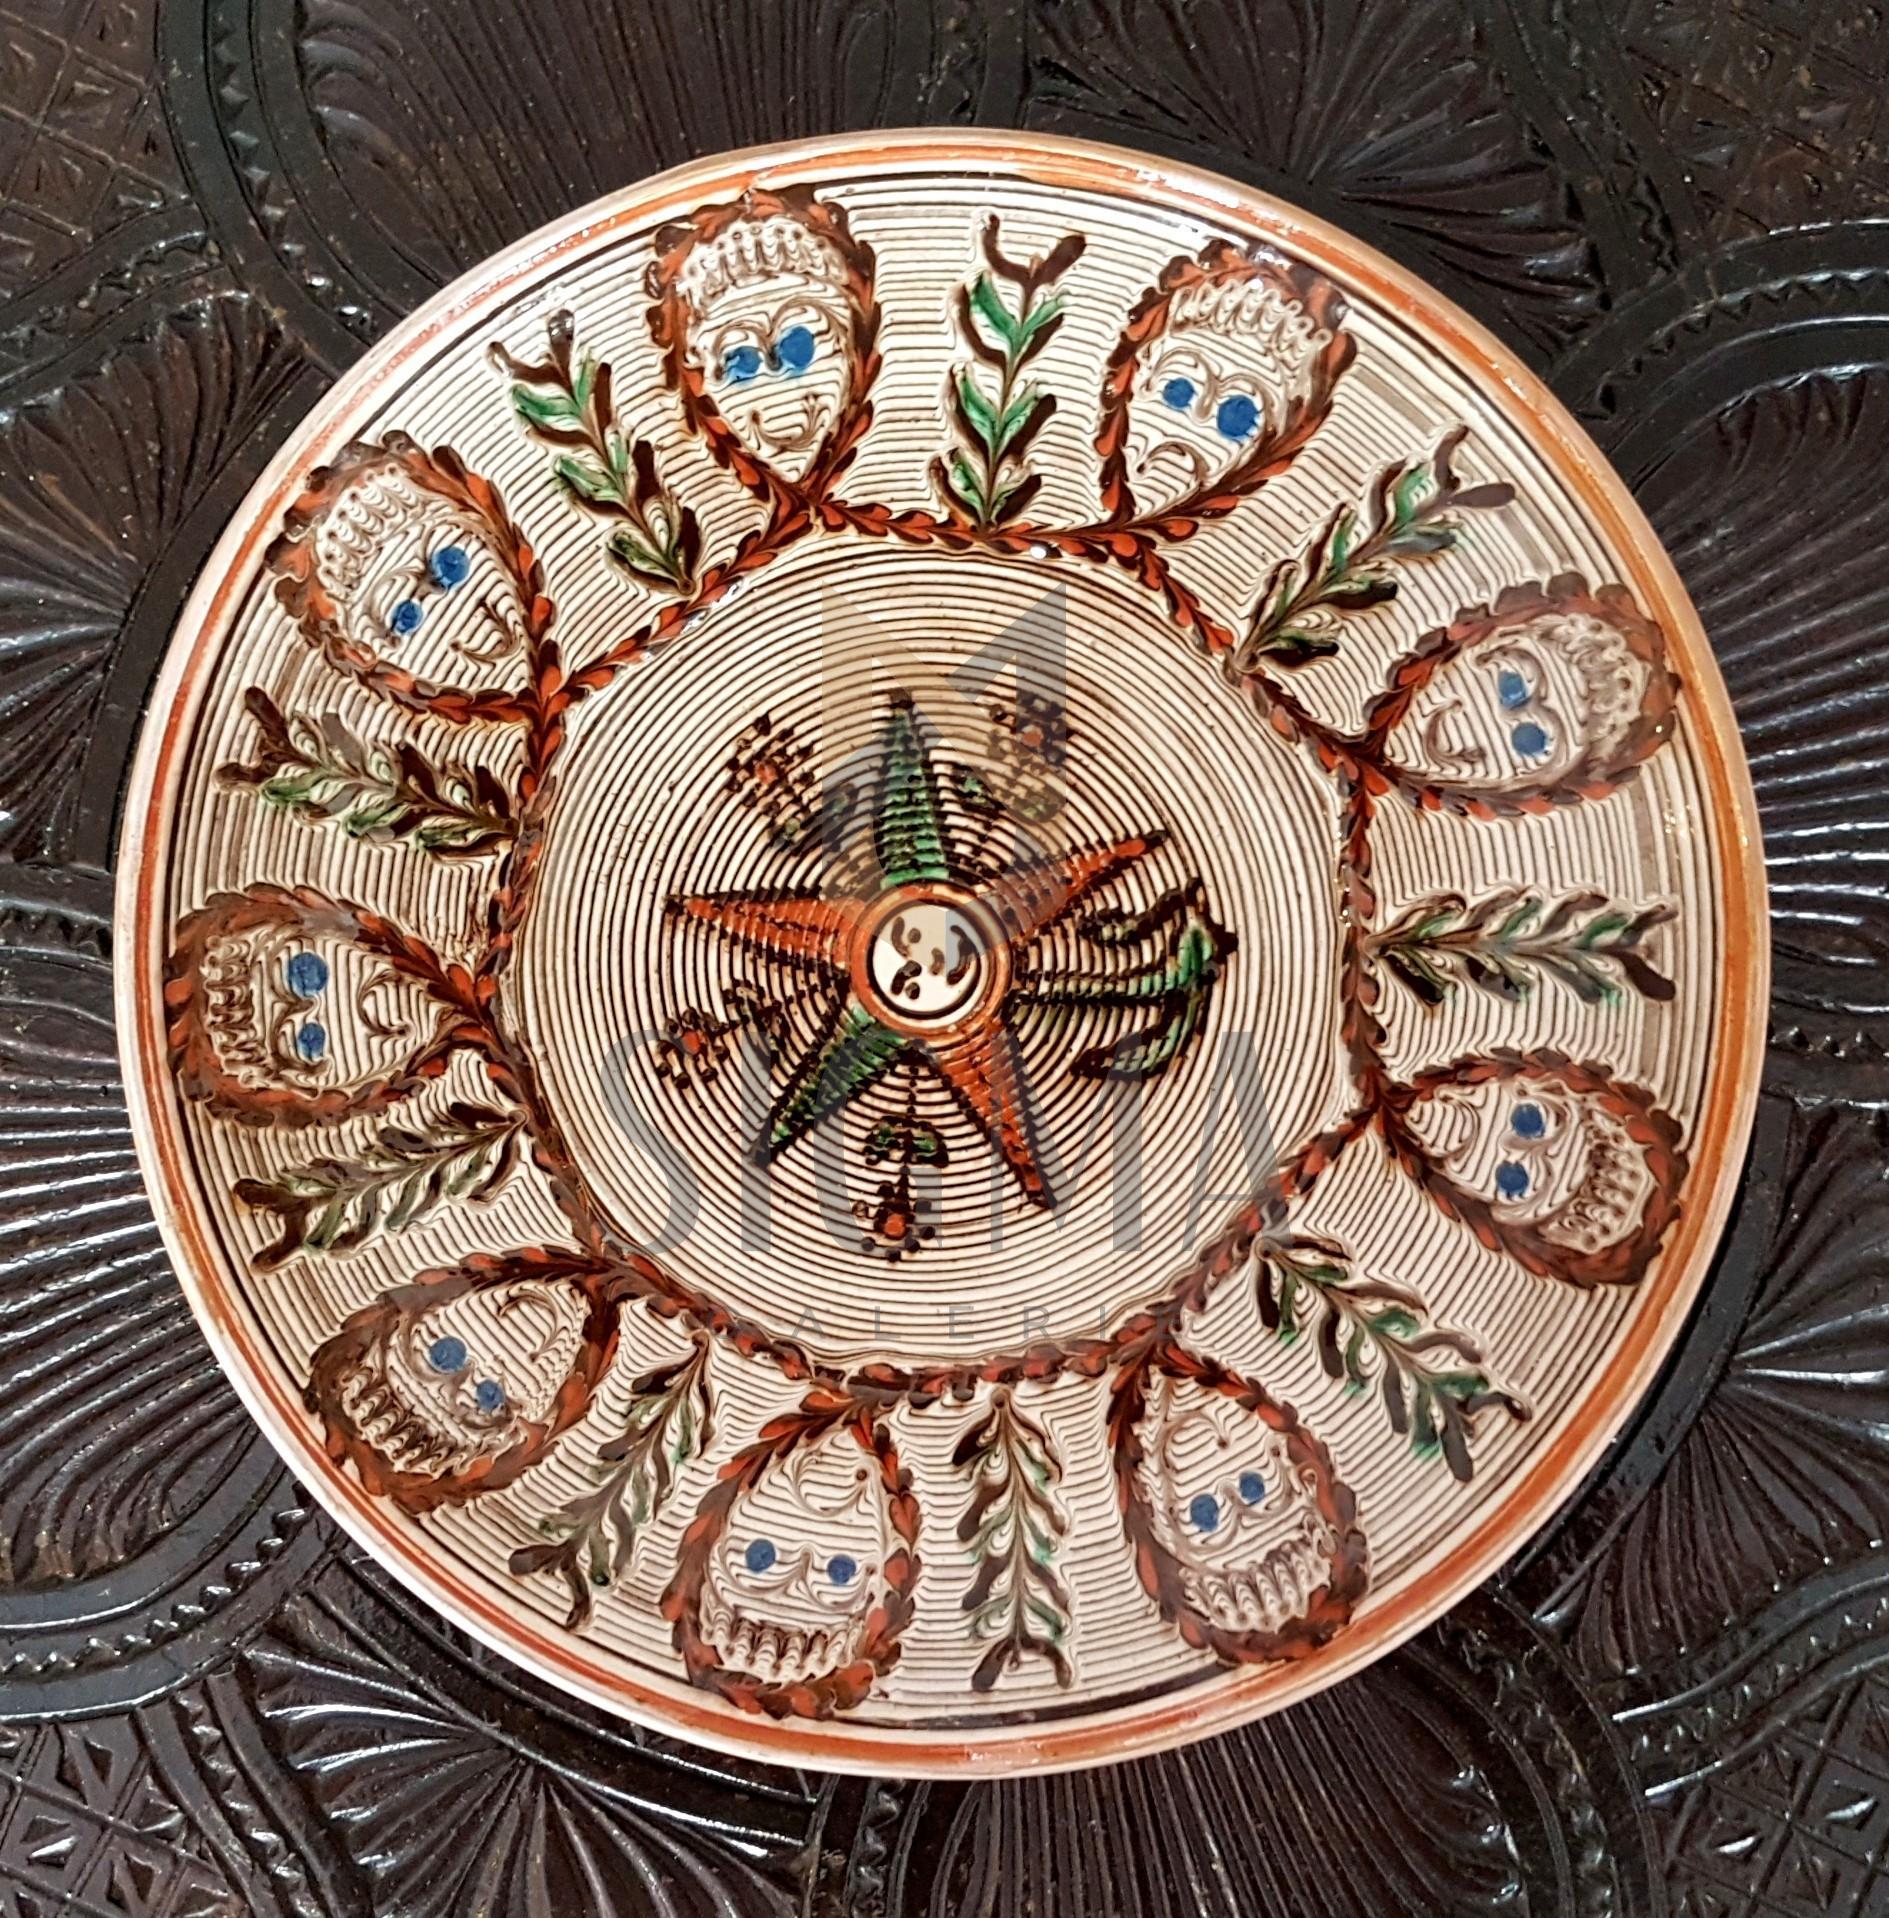 Farfurie din ceramica Horezu, realizata manual de mesterii din Horezu, semnate olograf, diametru=24cm